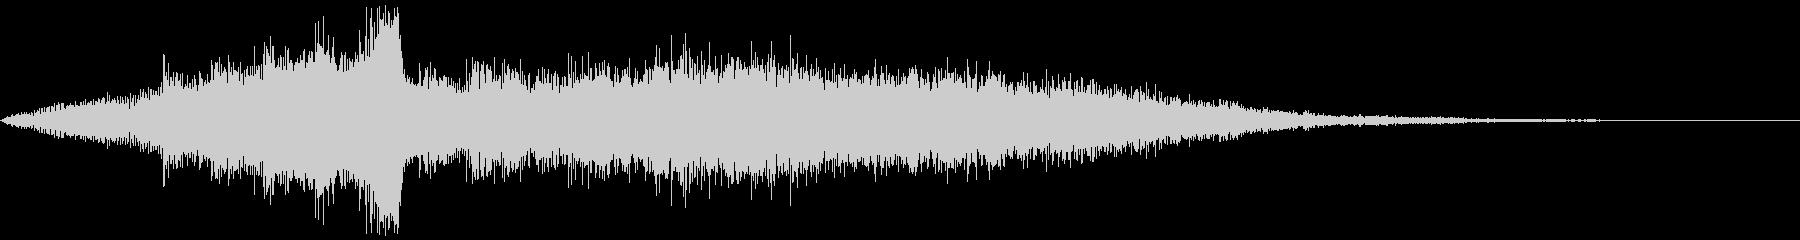 ブランドロゴ向けジングルの未再生の波形